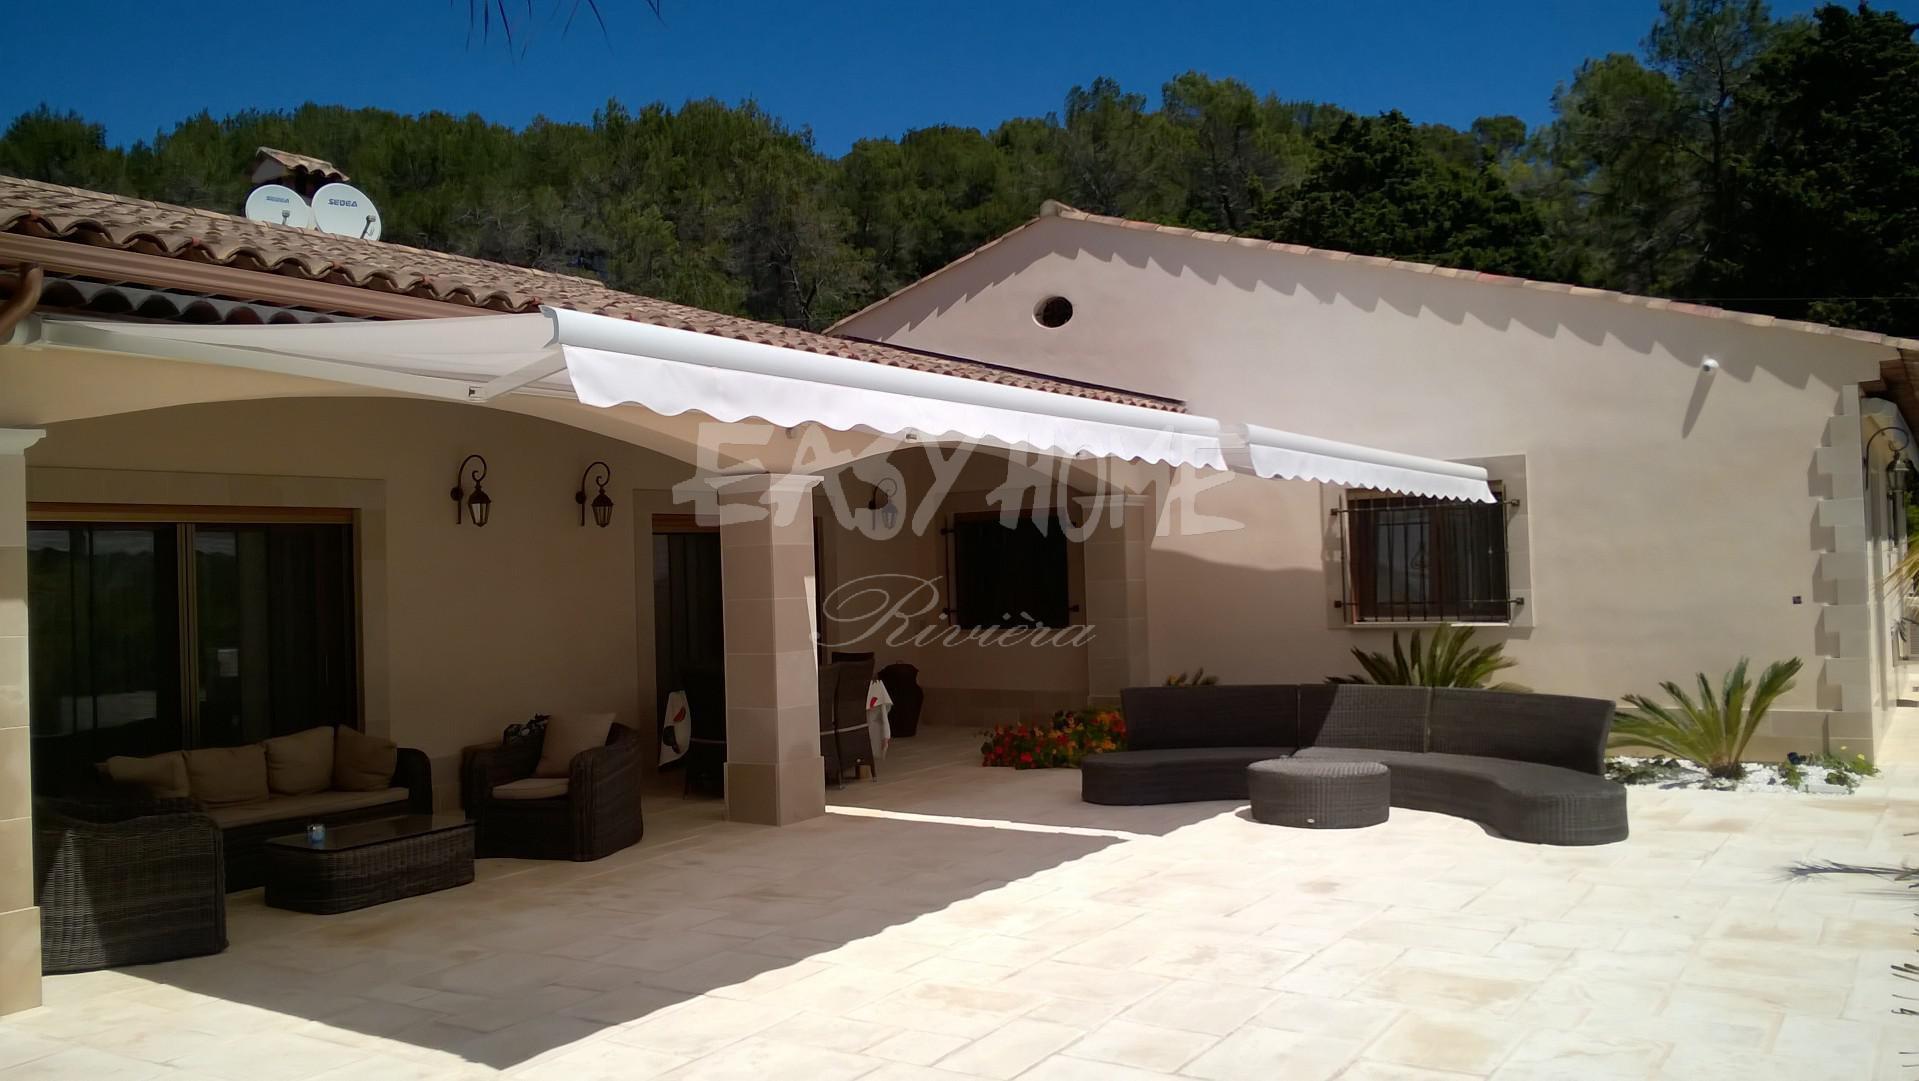 achat/vente villa antibes calme standing proche de toutes activitées